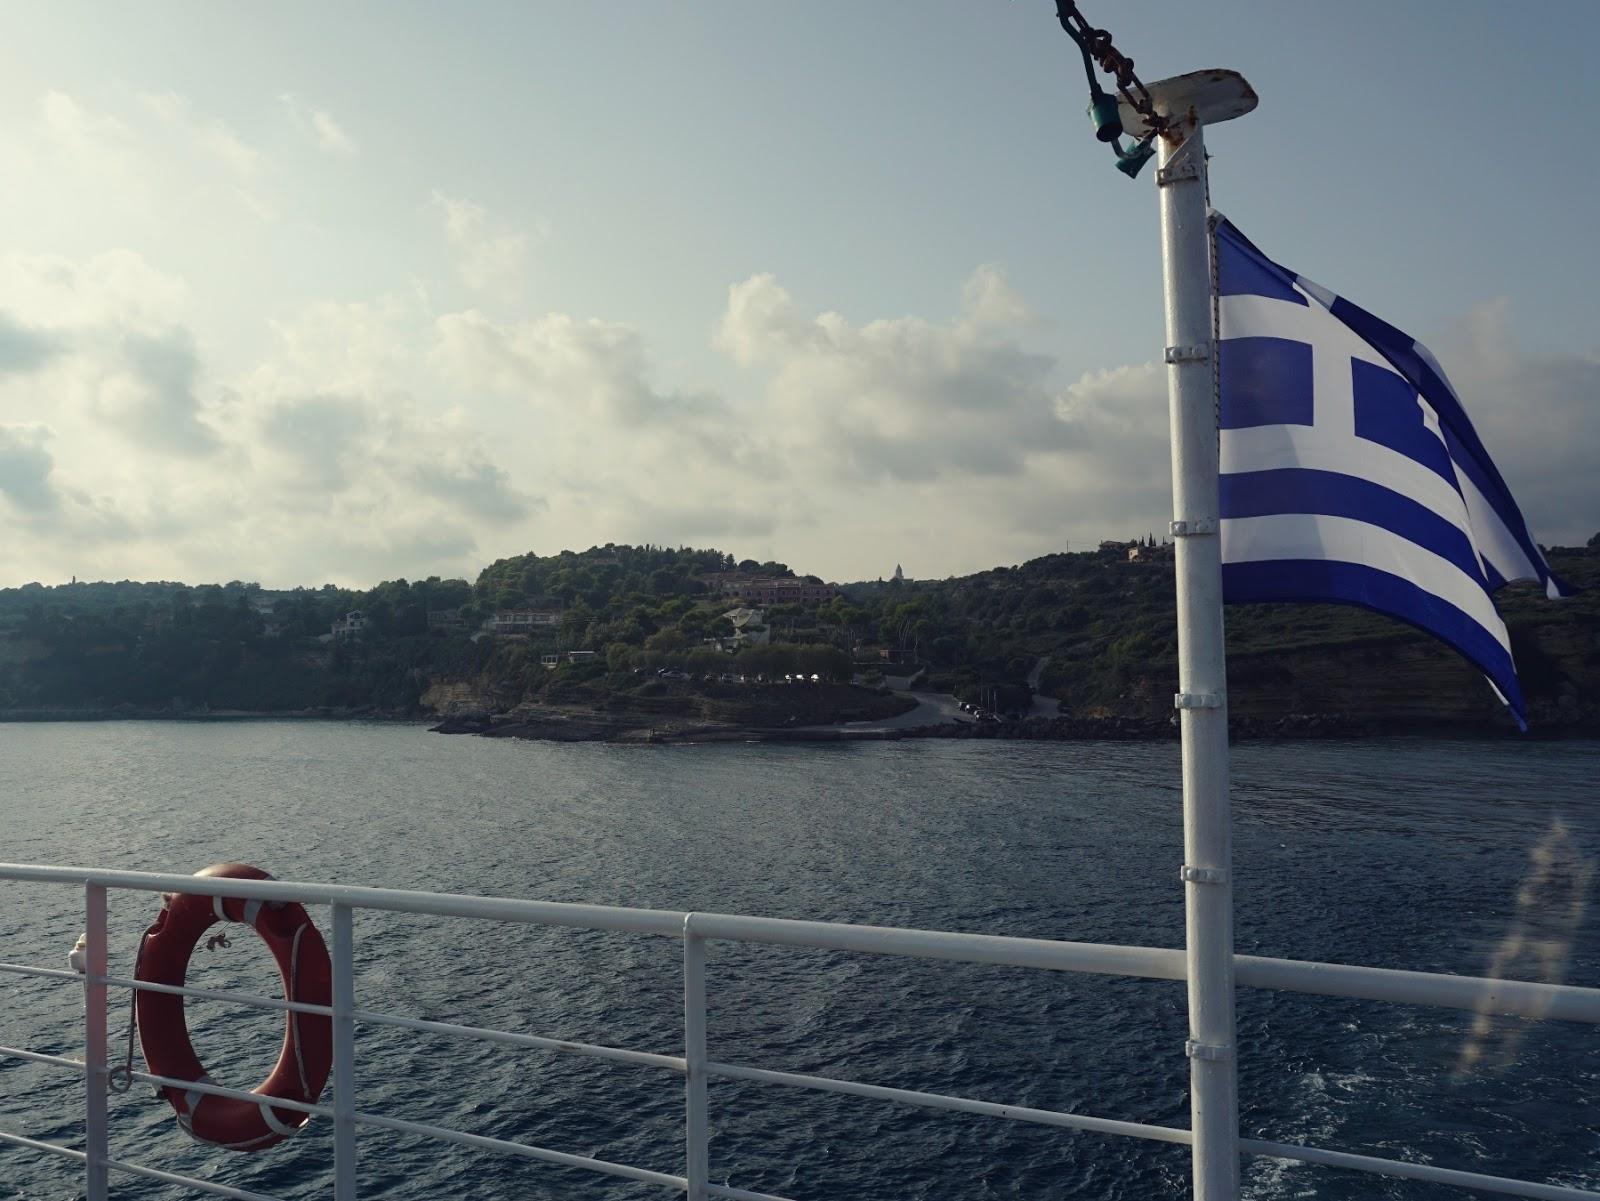 Kefalonia, wyspa, Grecja, wyspy Jońskie, na morzu, na okręcie, fotografia podróżnicza, panidorcia, pani dorcia, blog o Islandii, blog o podróżach